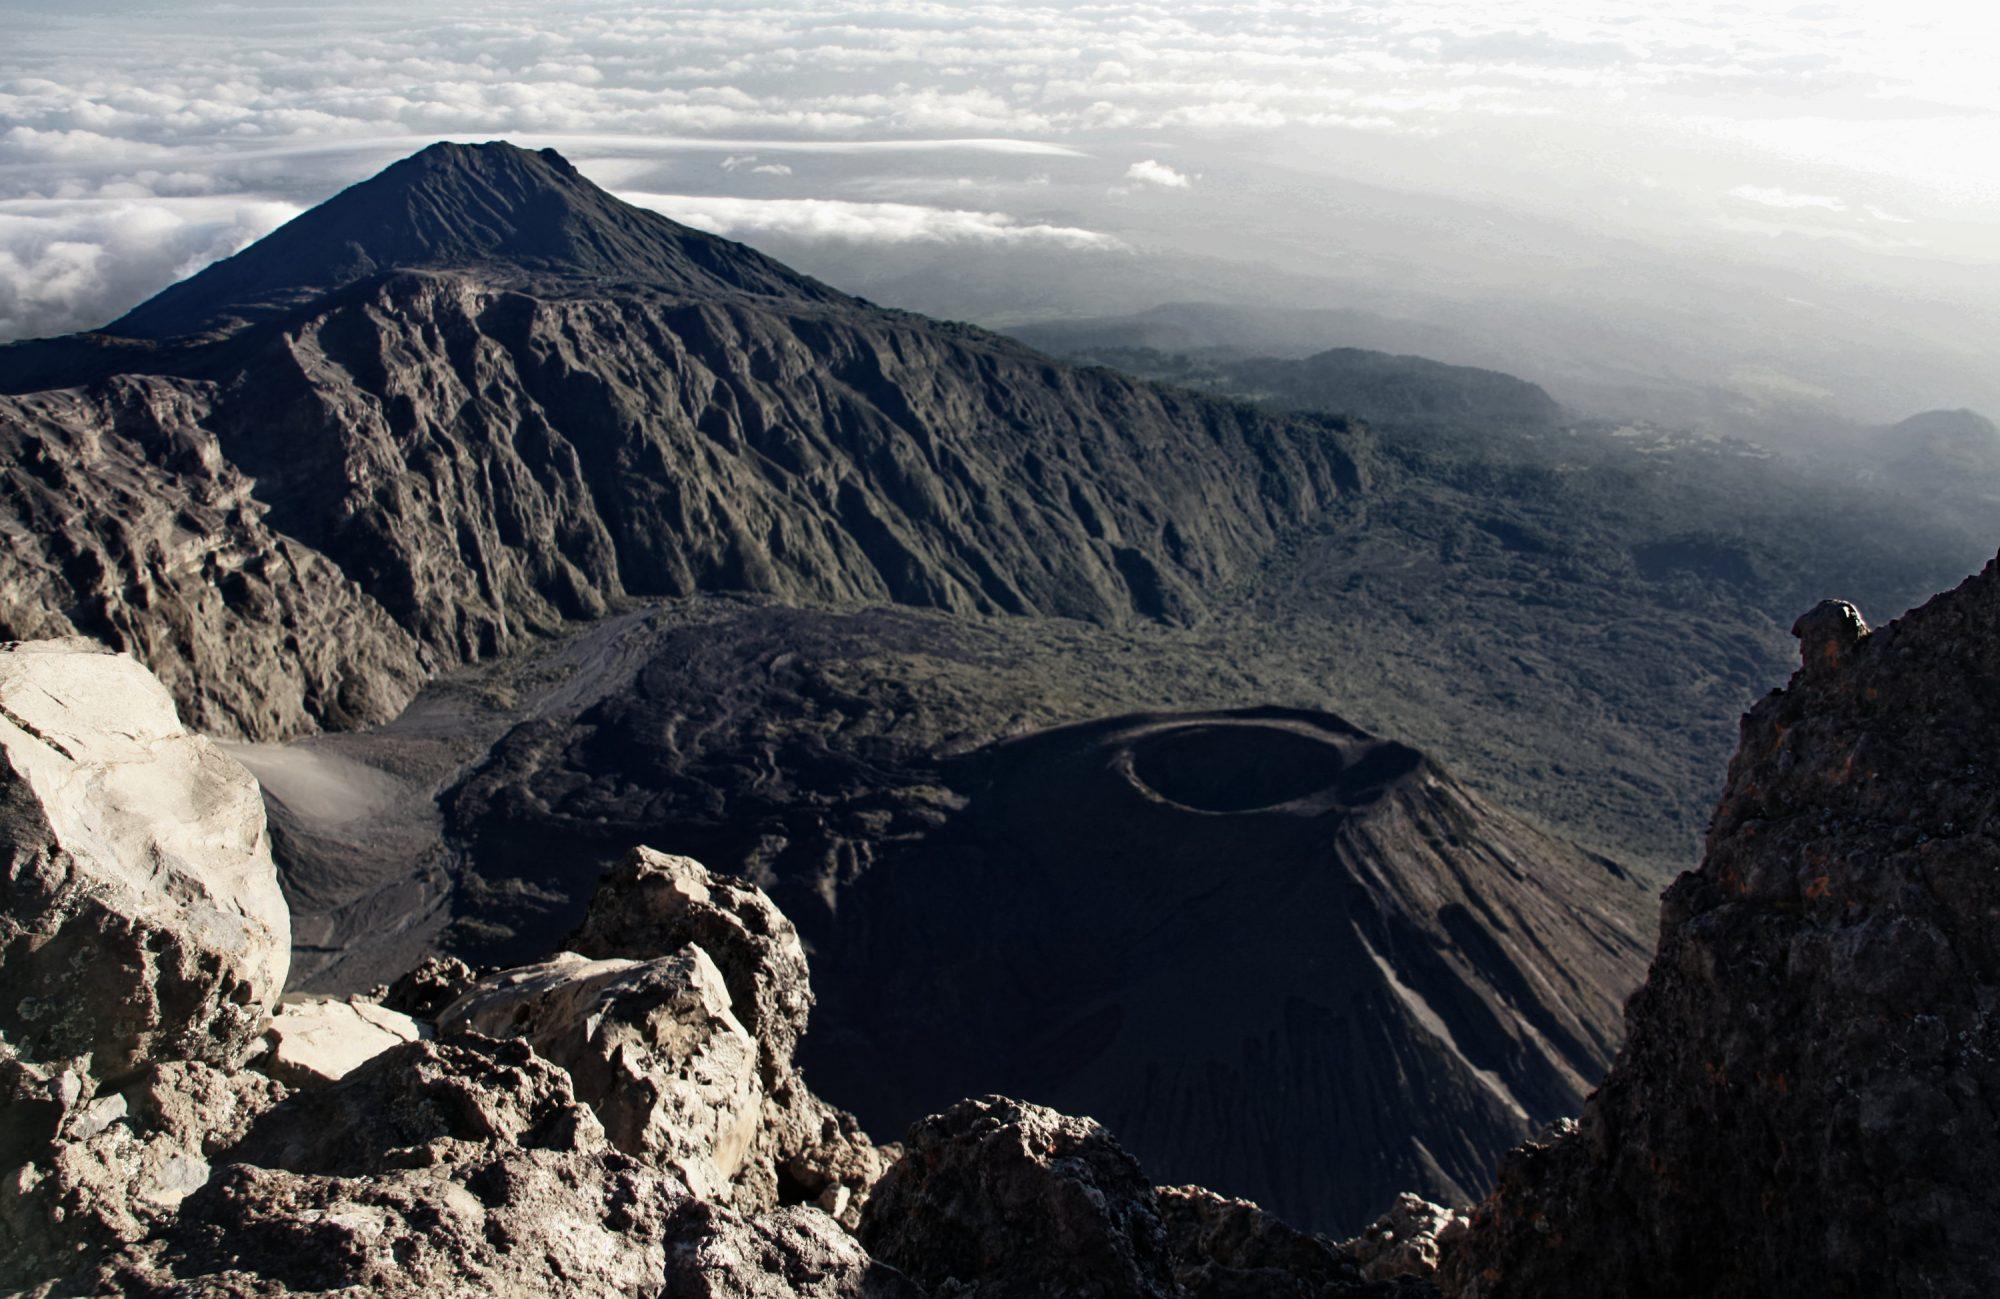 Krater des Mount Meru, Mount Meru Besteigung, Tour, Erfahrungsbericht, Afrika, Tansania, Bergtour